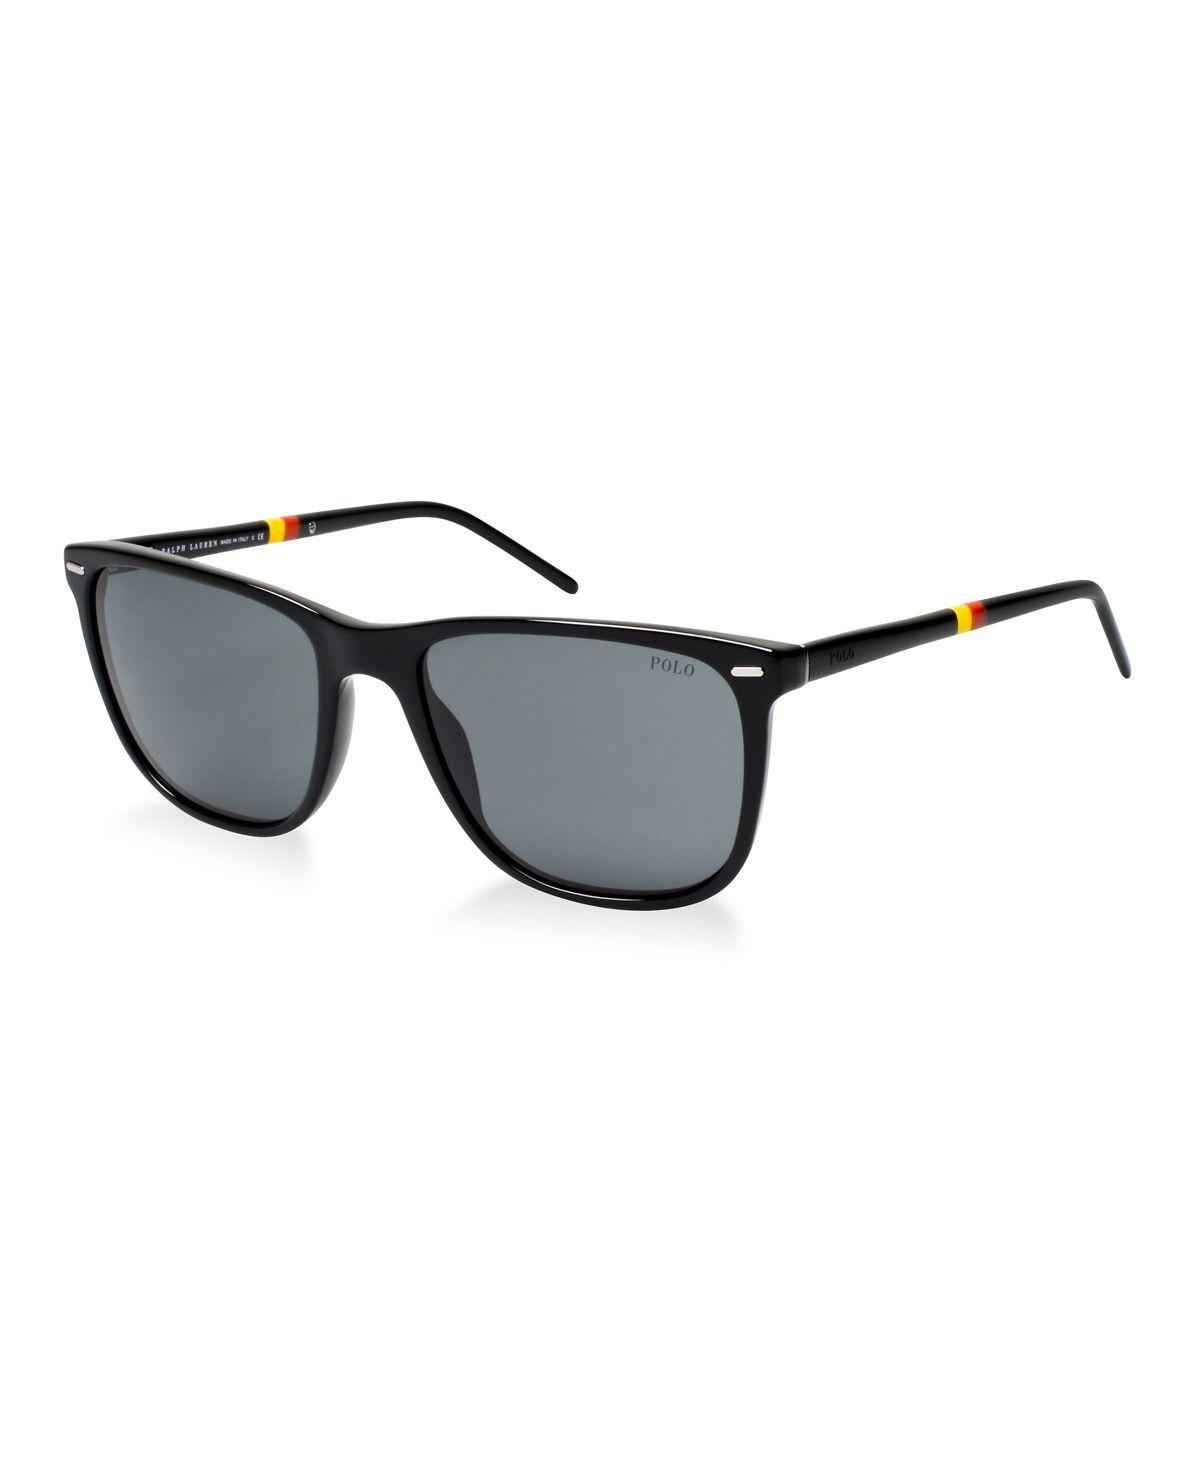 9482d4e8b0c Ralph Lauren Sunglasses